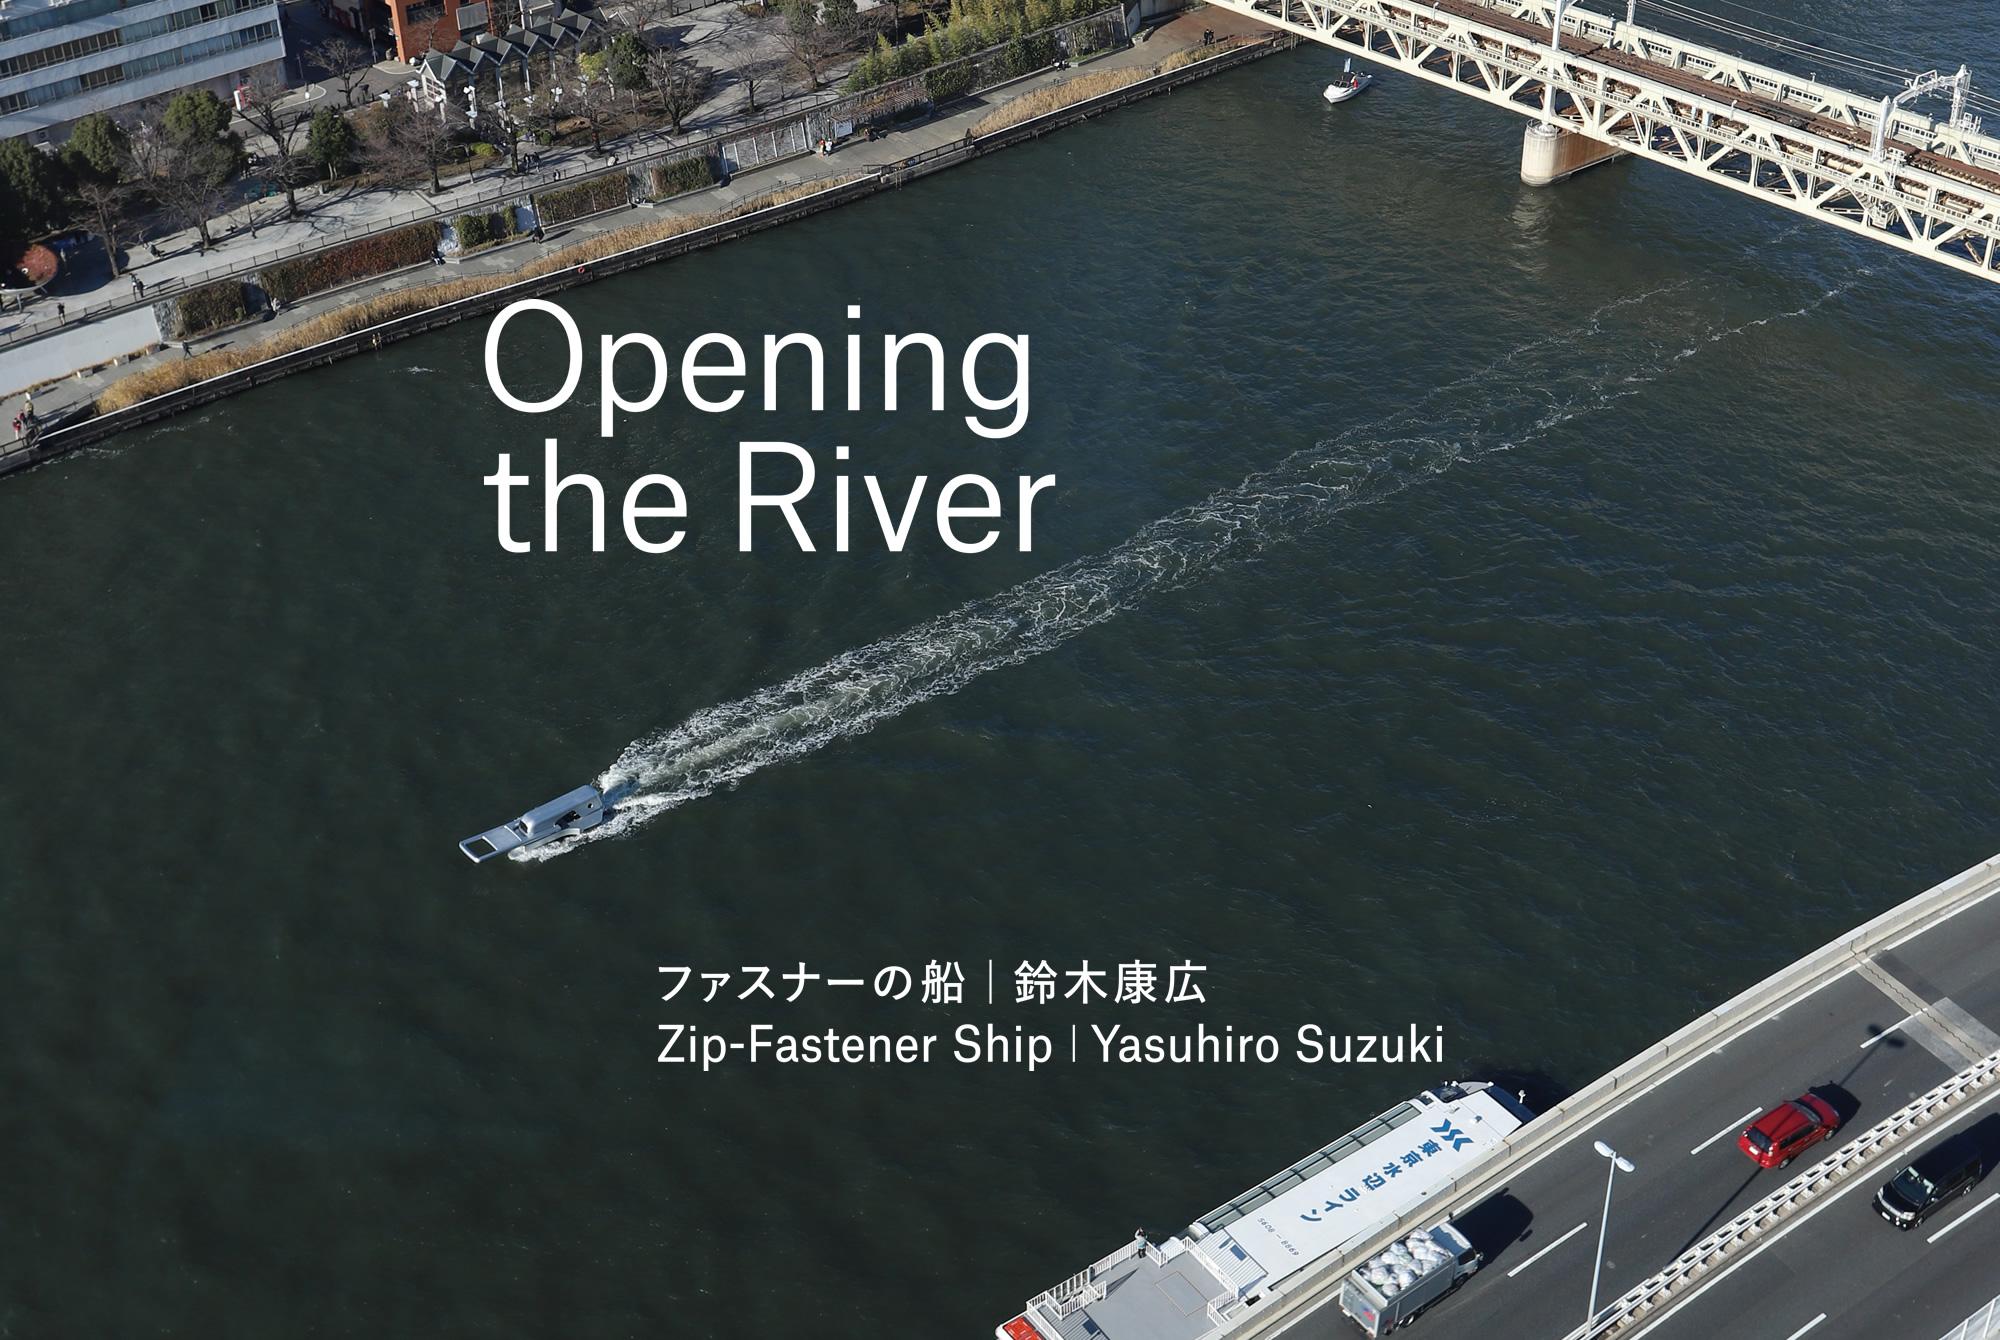 Opening the River ファスナーの船|鈴木康広 Zip-Fastener Ship | Yasuhiro Suzuki